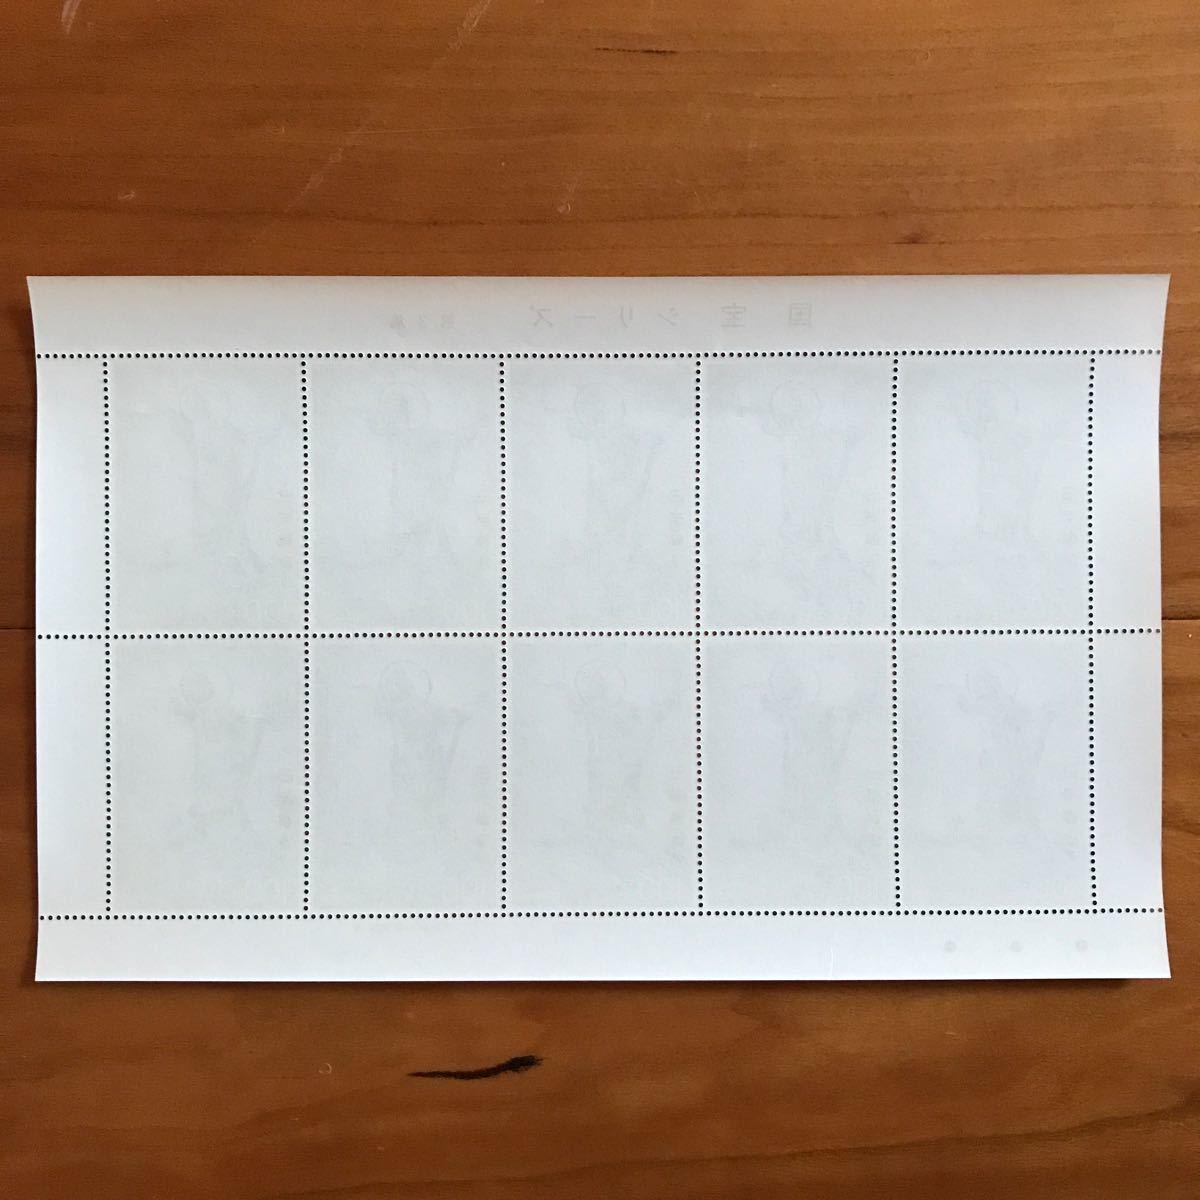 【切手シート】国宝シリーズ 第3集 雲中供養菩薩像 大蔵省印刷局製造